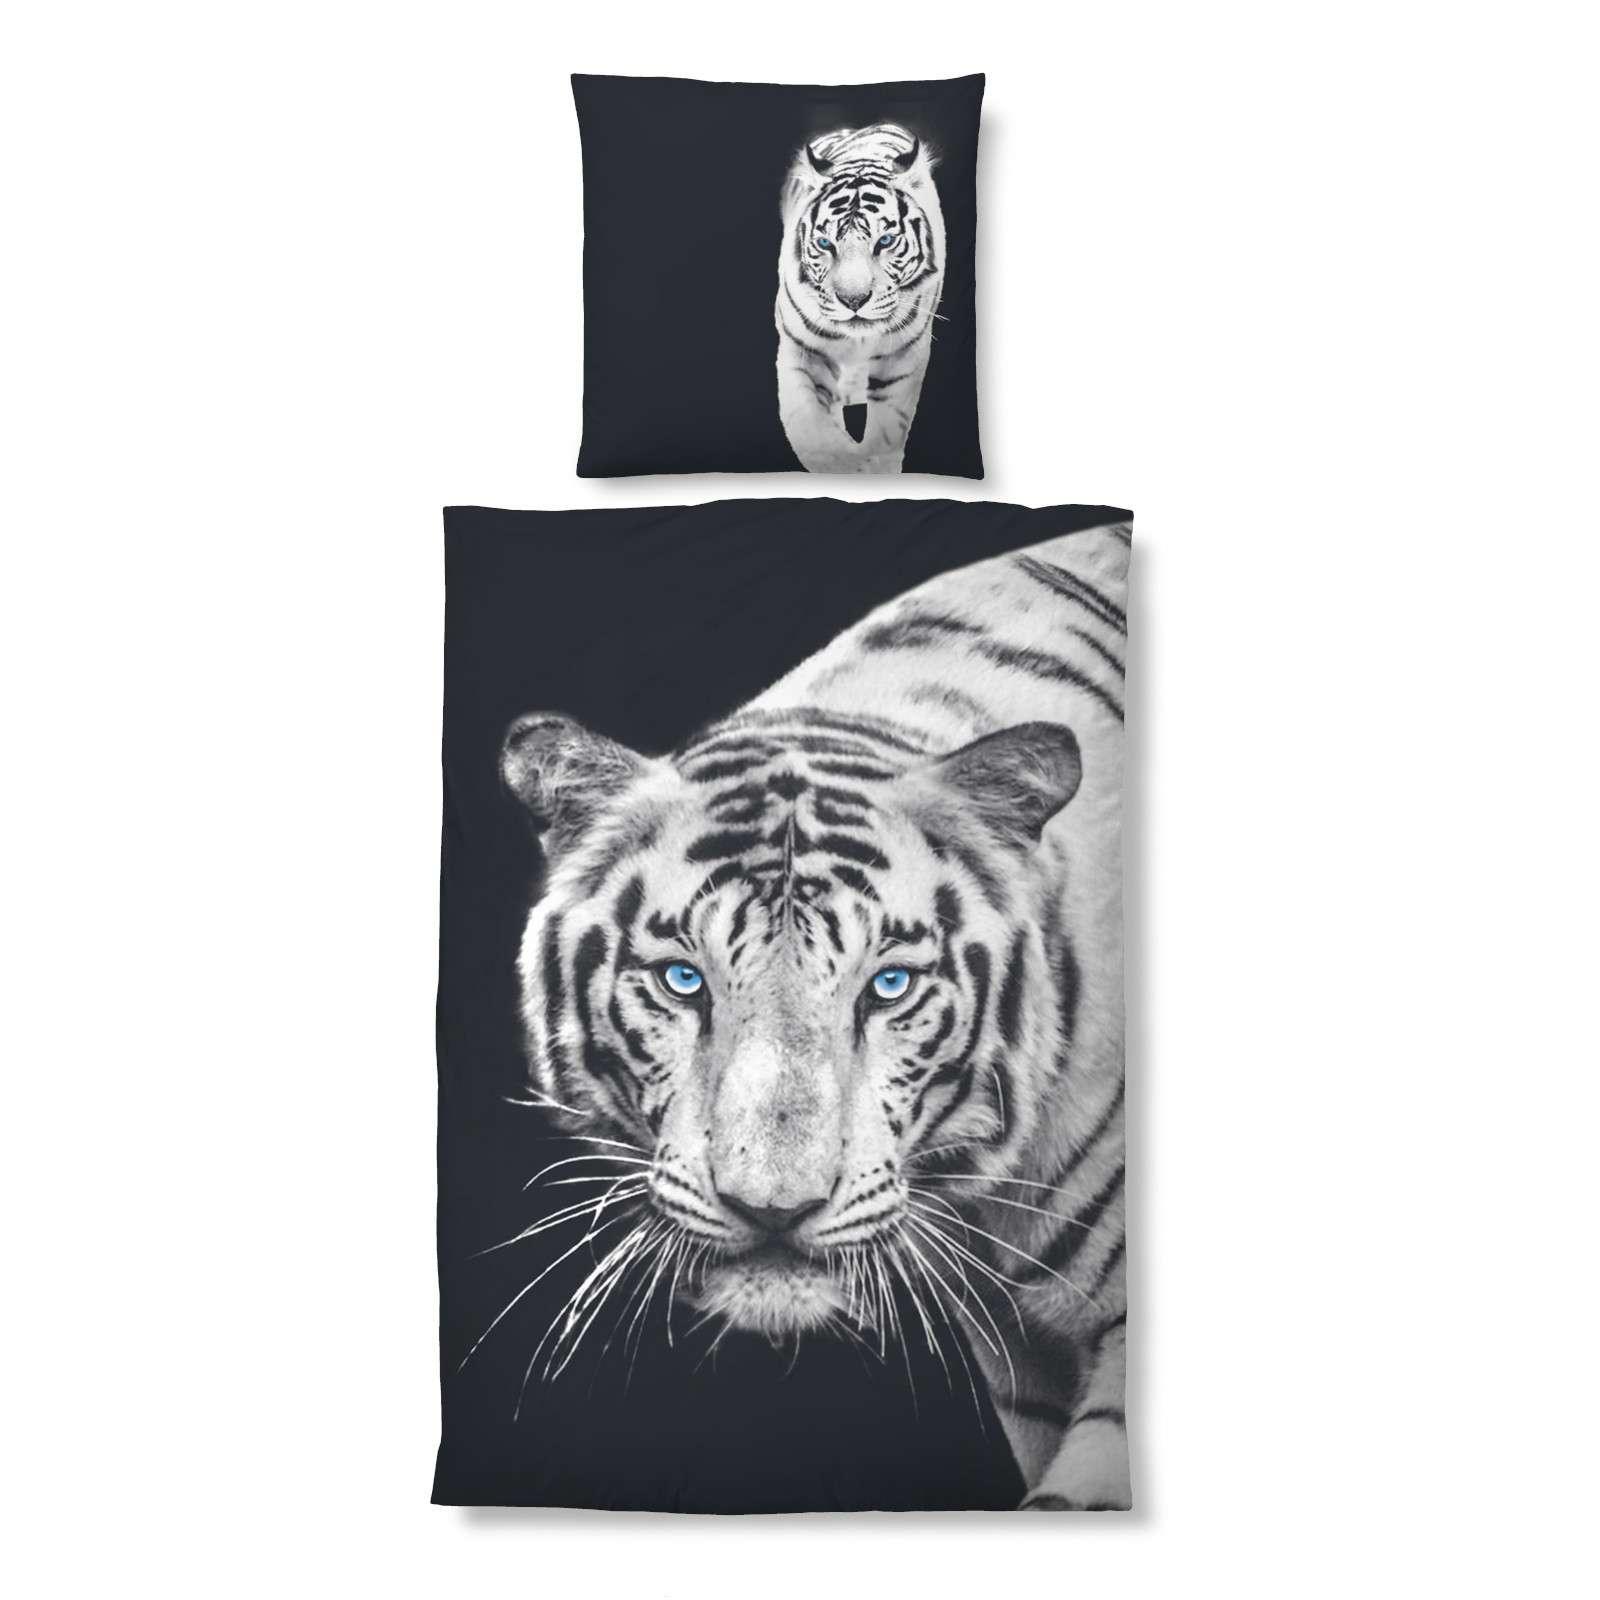 Schön Microsatin Bettwäsche Sammlung Von Biberna Micro Satin Bettwäsche Tiger Größe 135x200/80x80